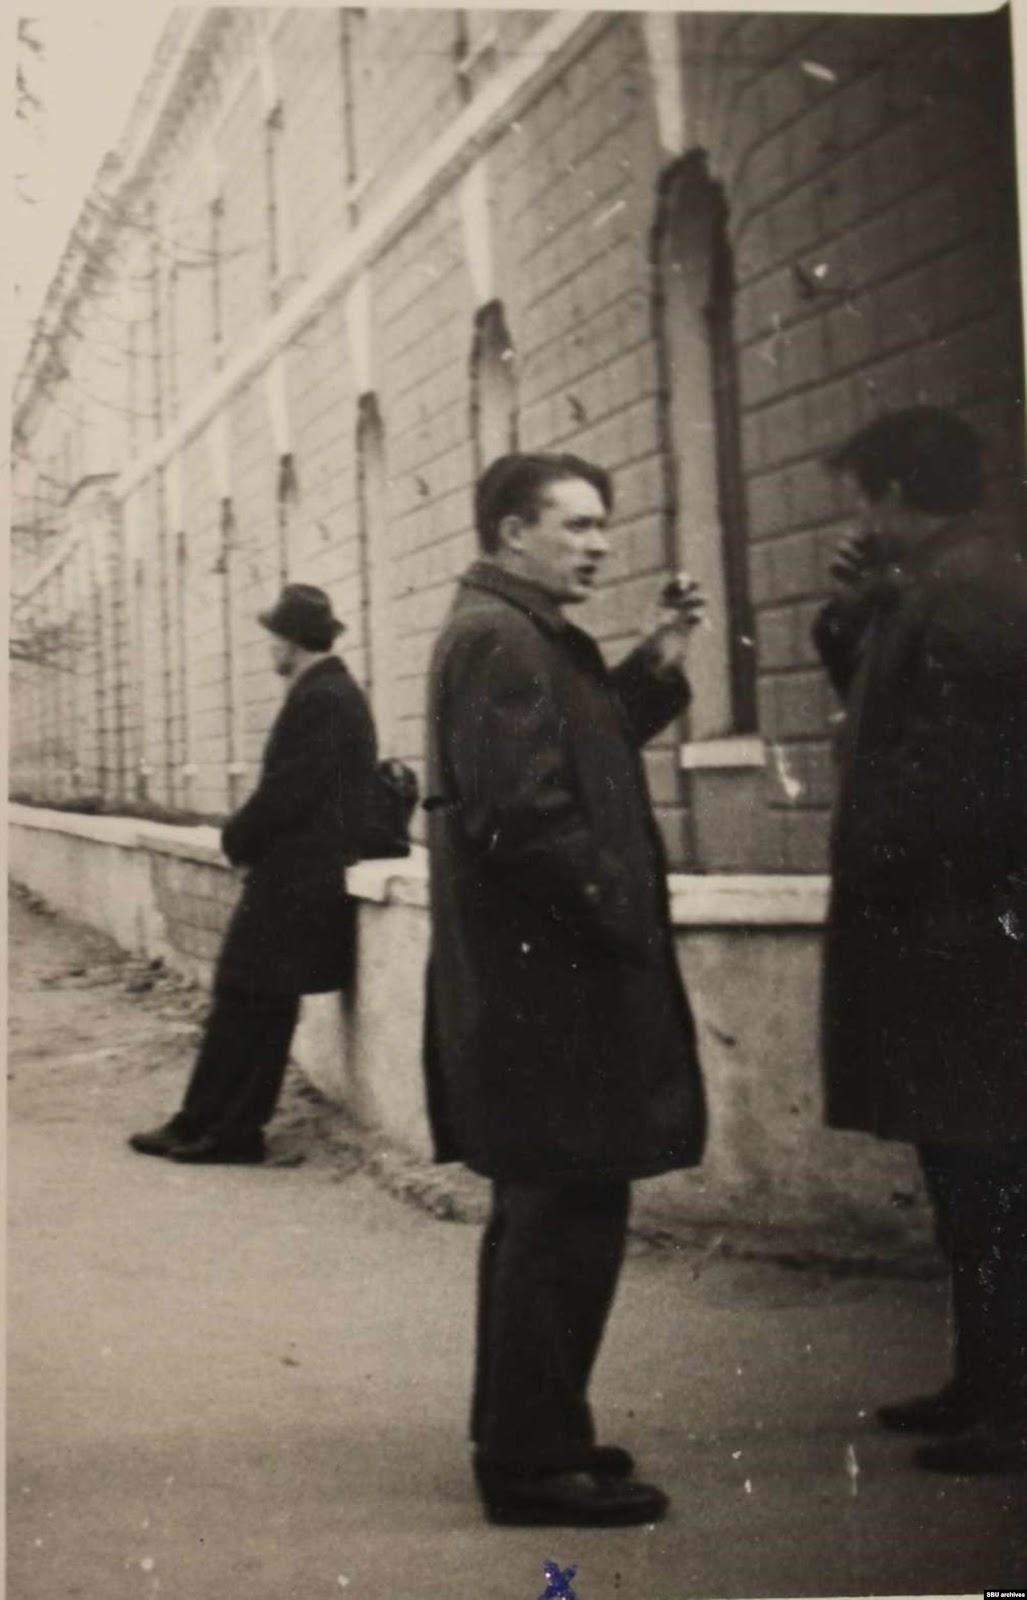 Пушкарь с коллегой возле проходной «Арсенала-2». Фото КГБ, сделанное скрытой камерой. Из оперативного дела